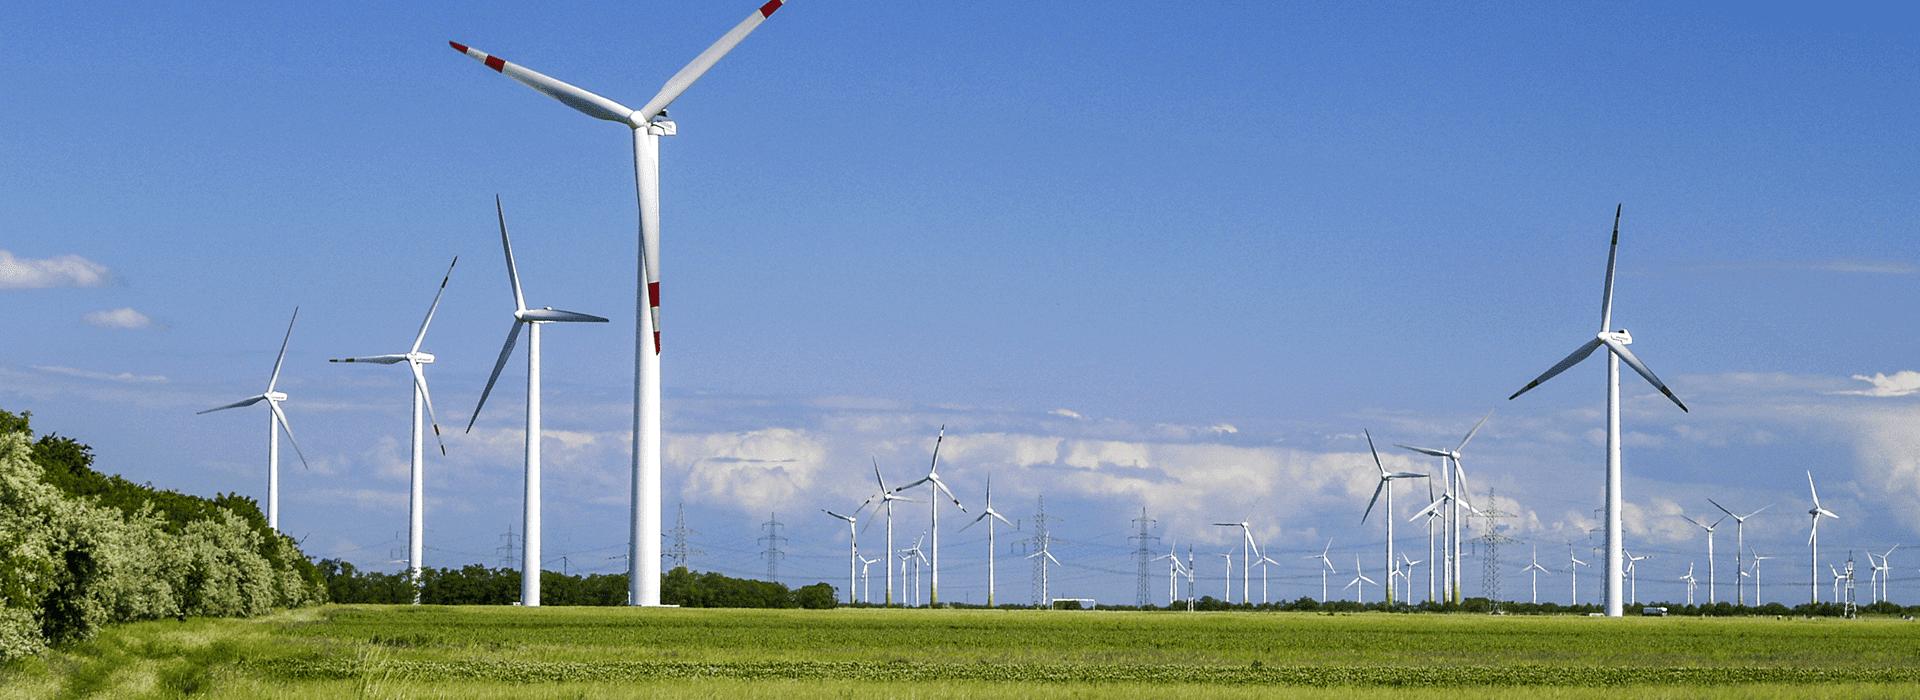 Accruent - Industries - Utilities - Hero